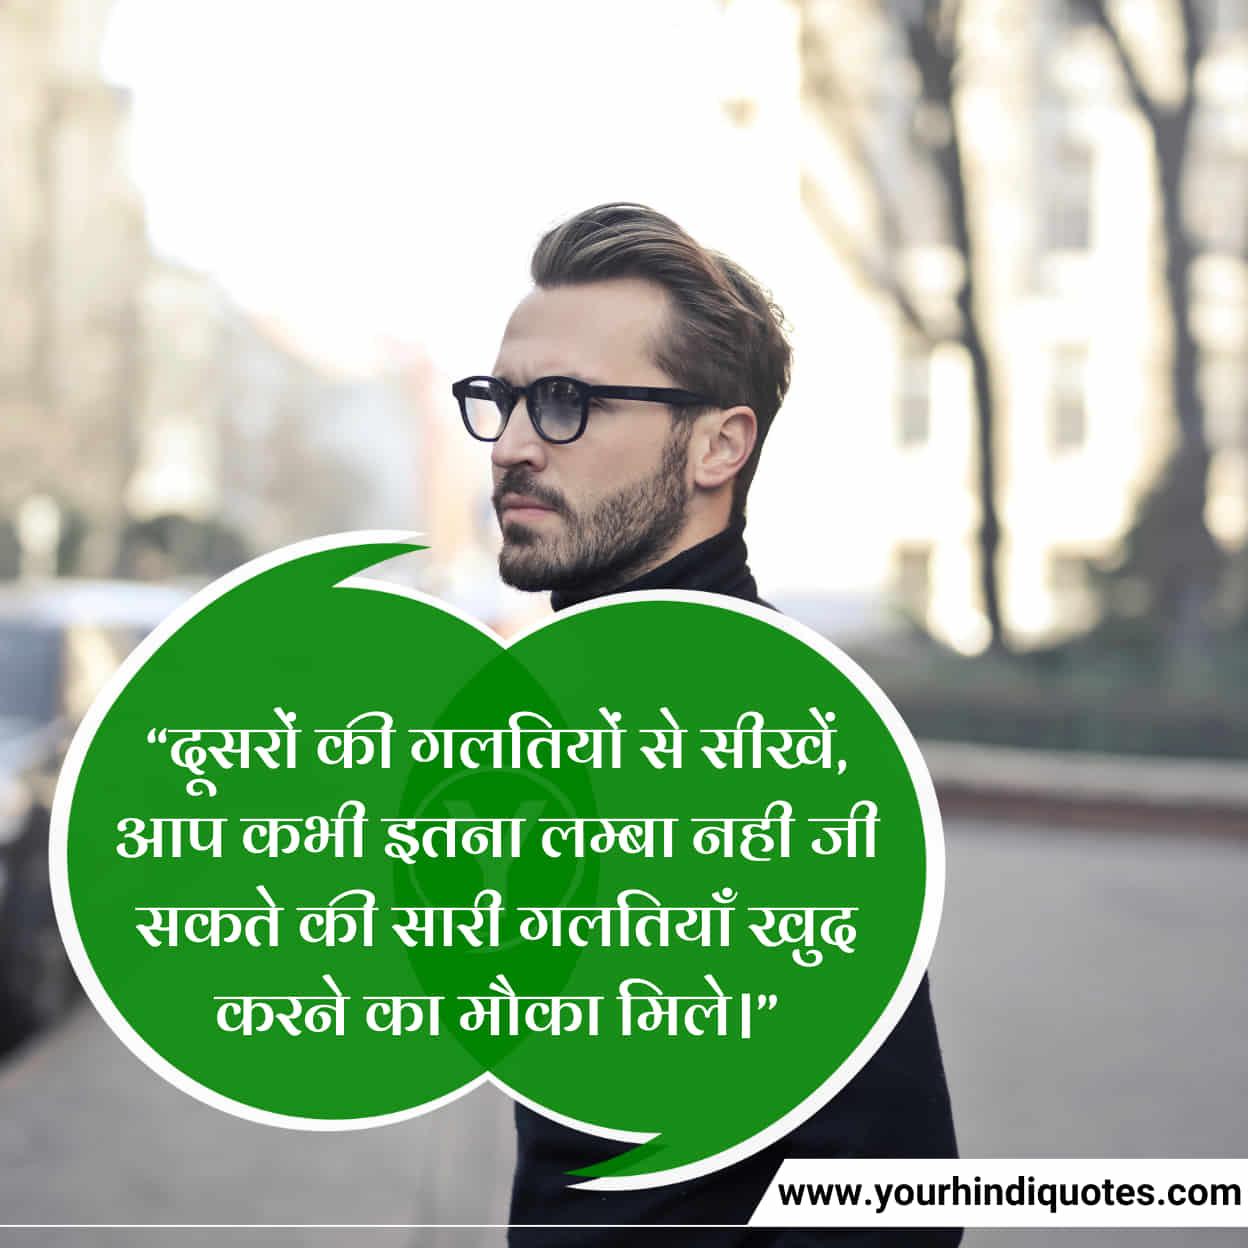 Whatsapp Motivational Status